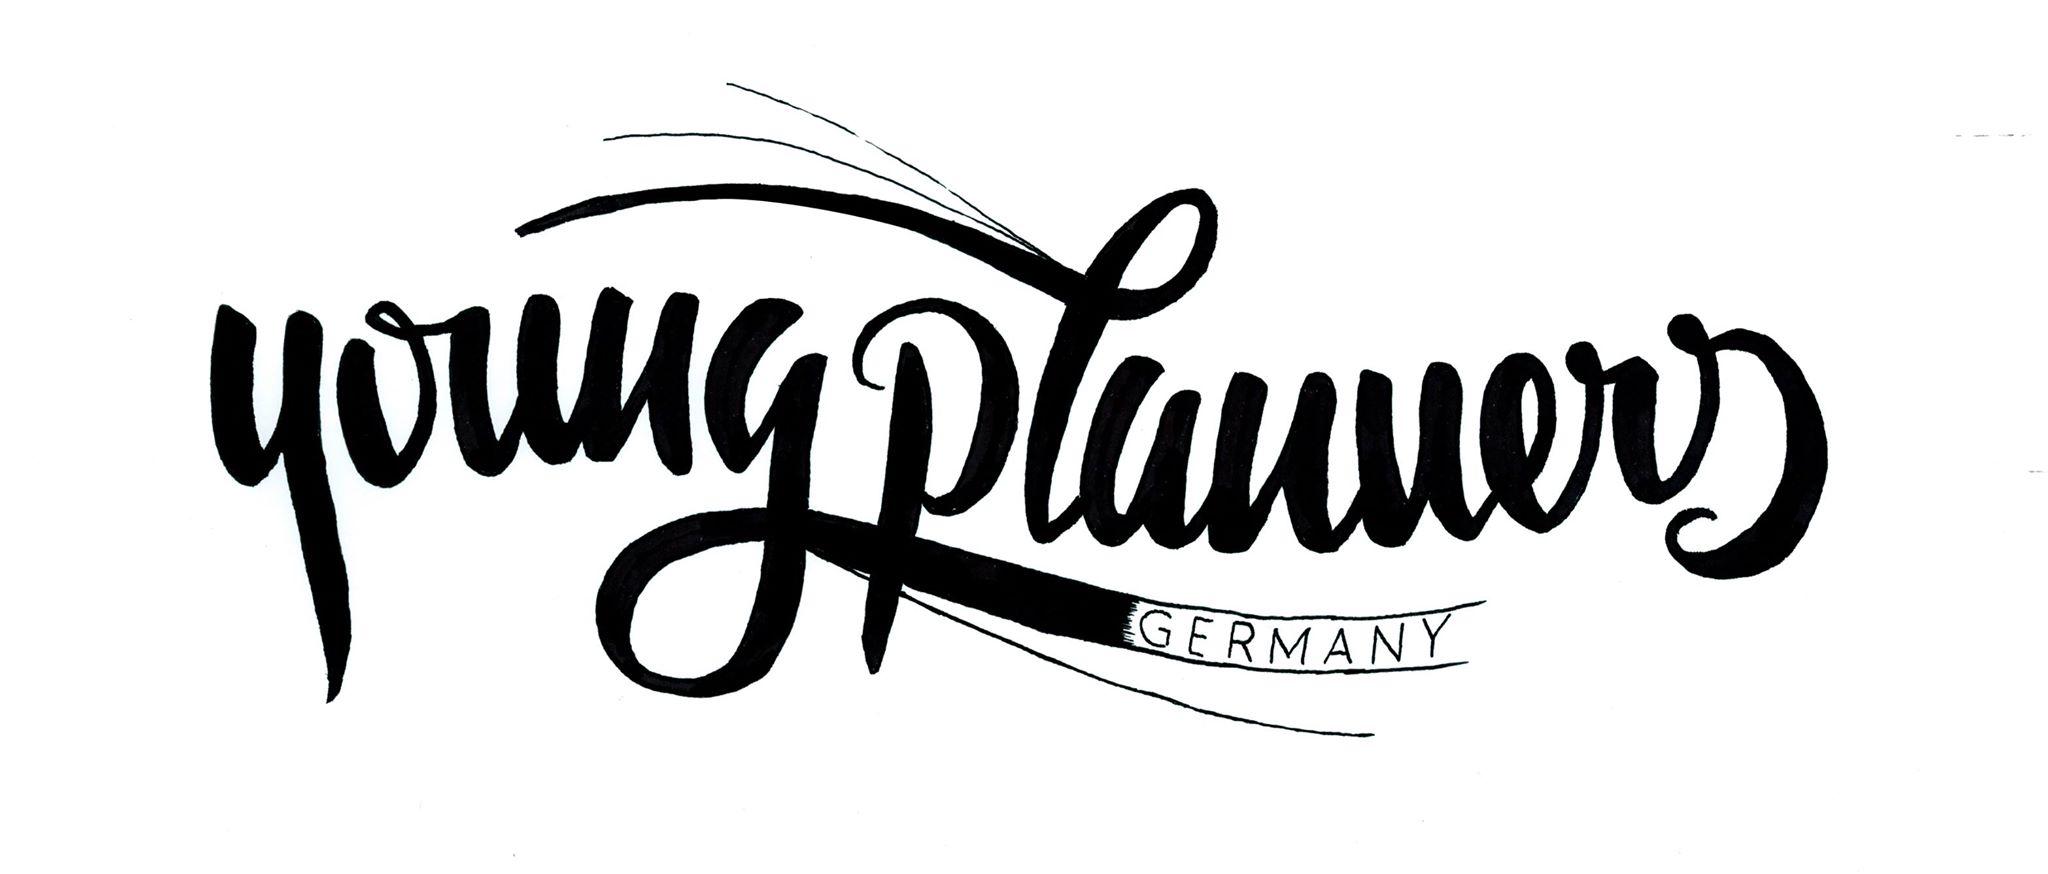 """Hnrik Niehus startete 2015 die Facebook-Gruppe """"Young Planners Germany"""" , in der sich heute knapp 300 junge Strategen austauschen. (Bild: Henrik Niehus)"""